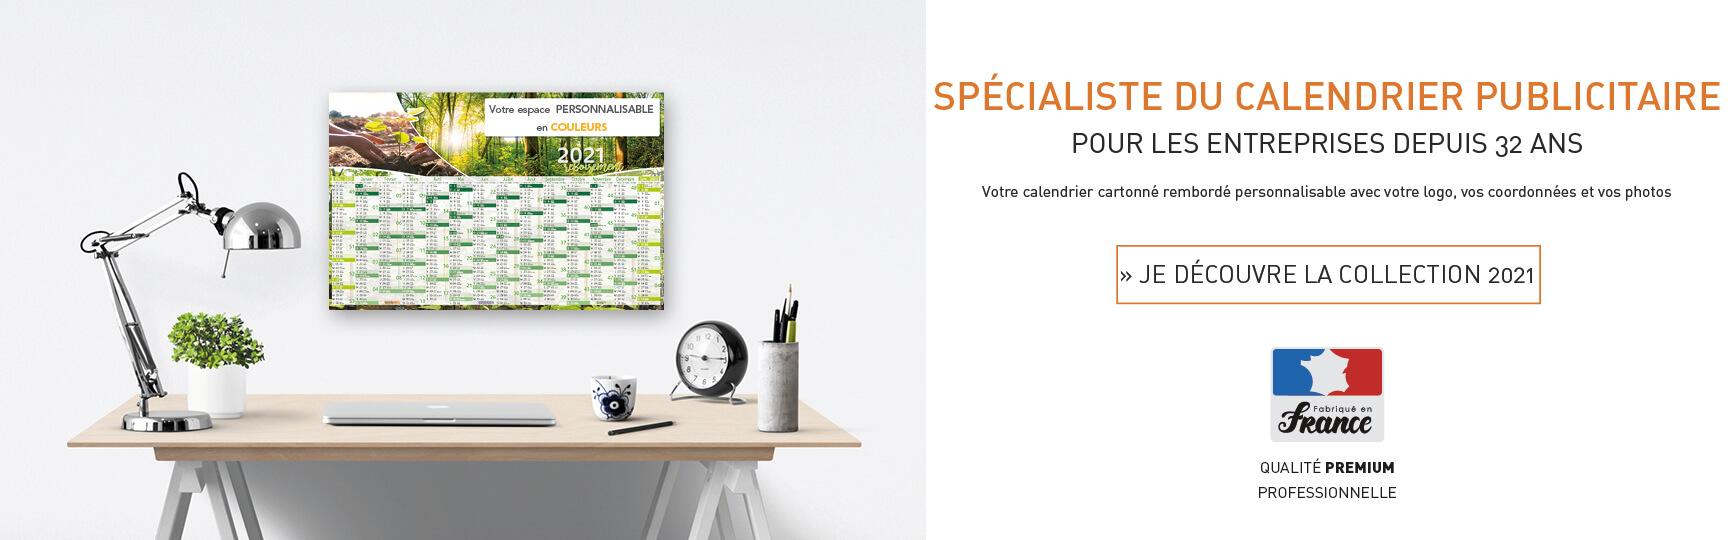 Fabricant direct de calendriers publicitaires pour les entreprises